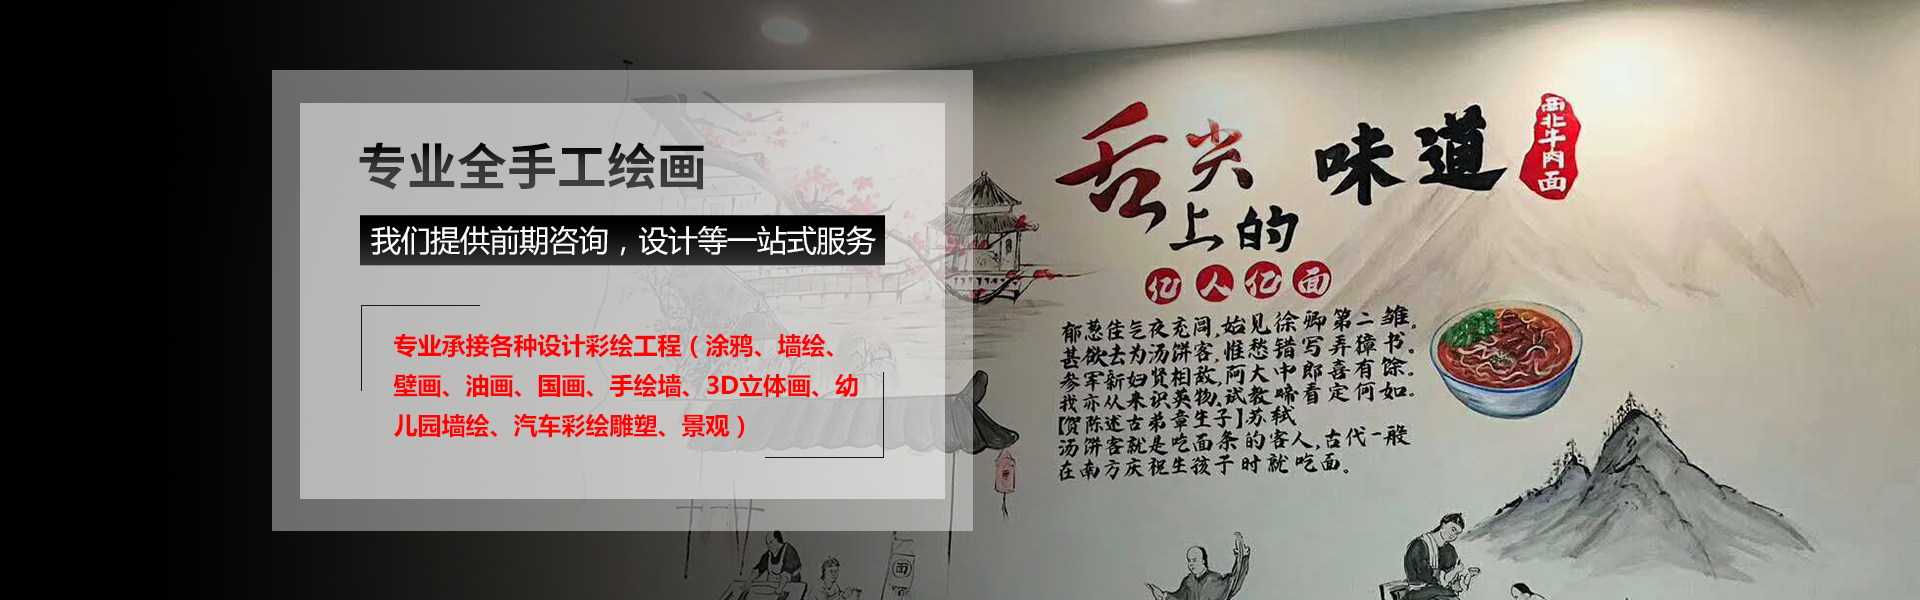 惠州手繪墻